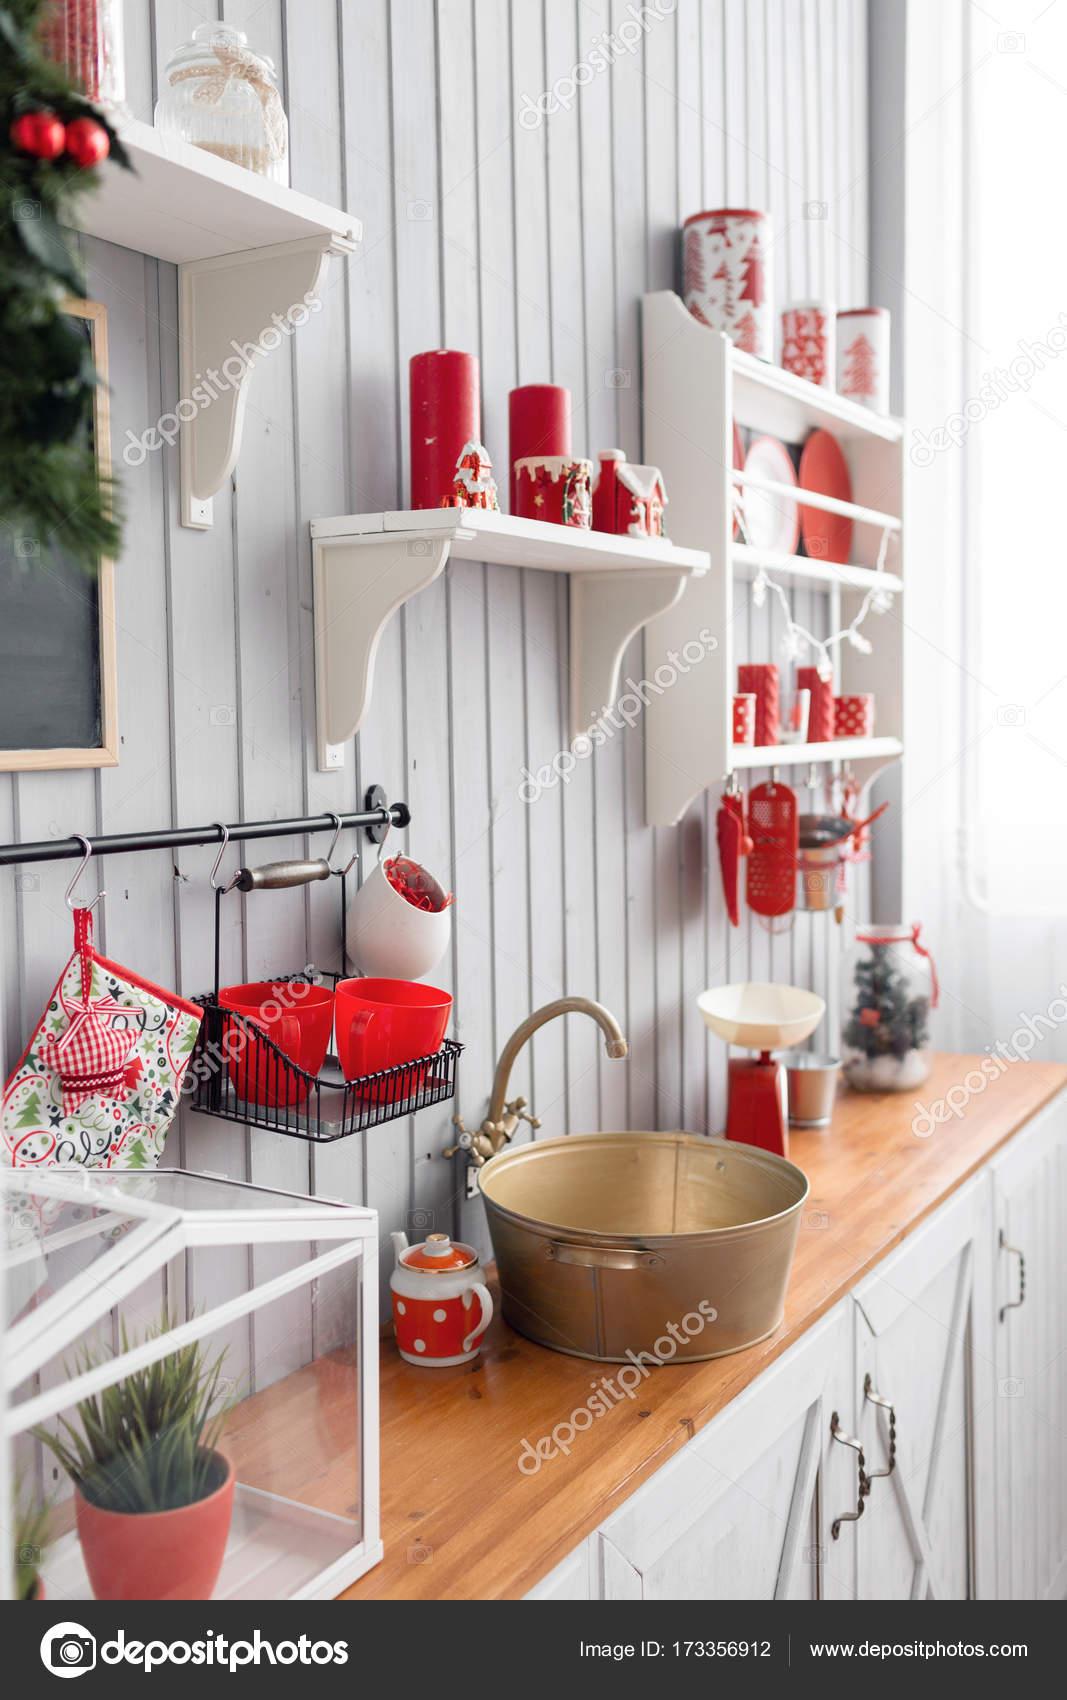 Innen Leicht Graue Küche Und Rote Weihnachts Dekor. Mittagessen Zu